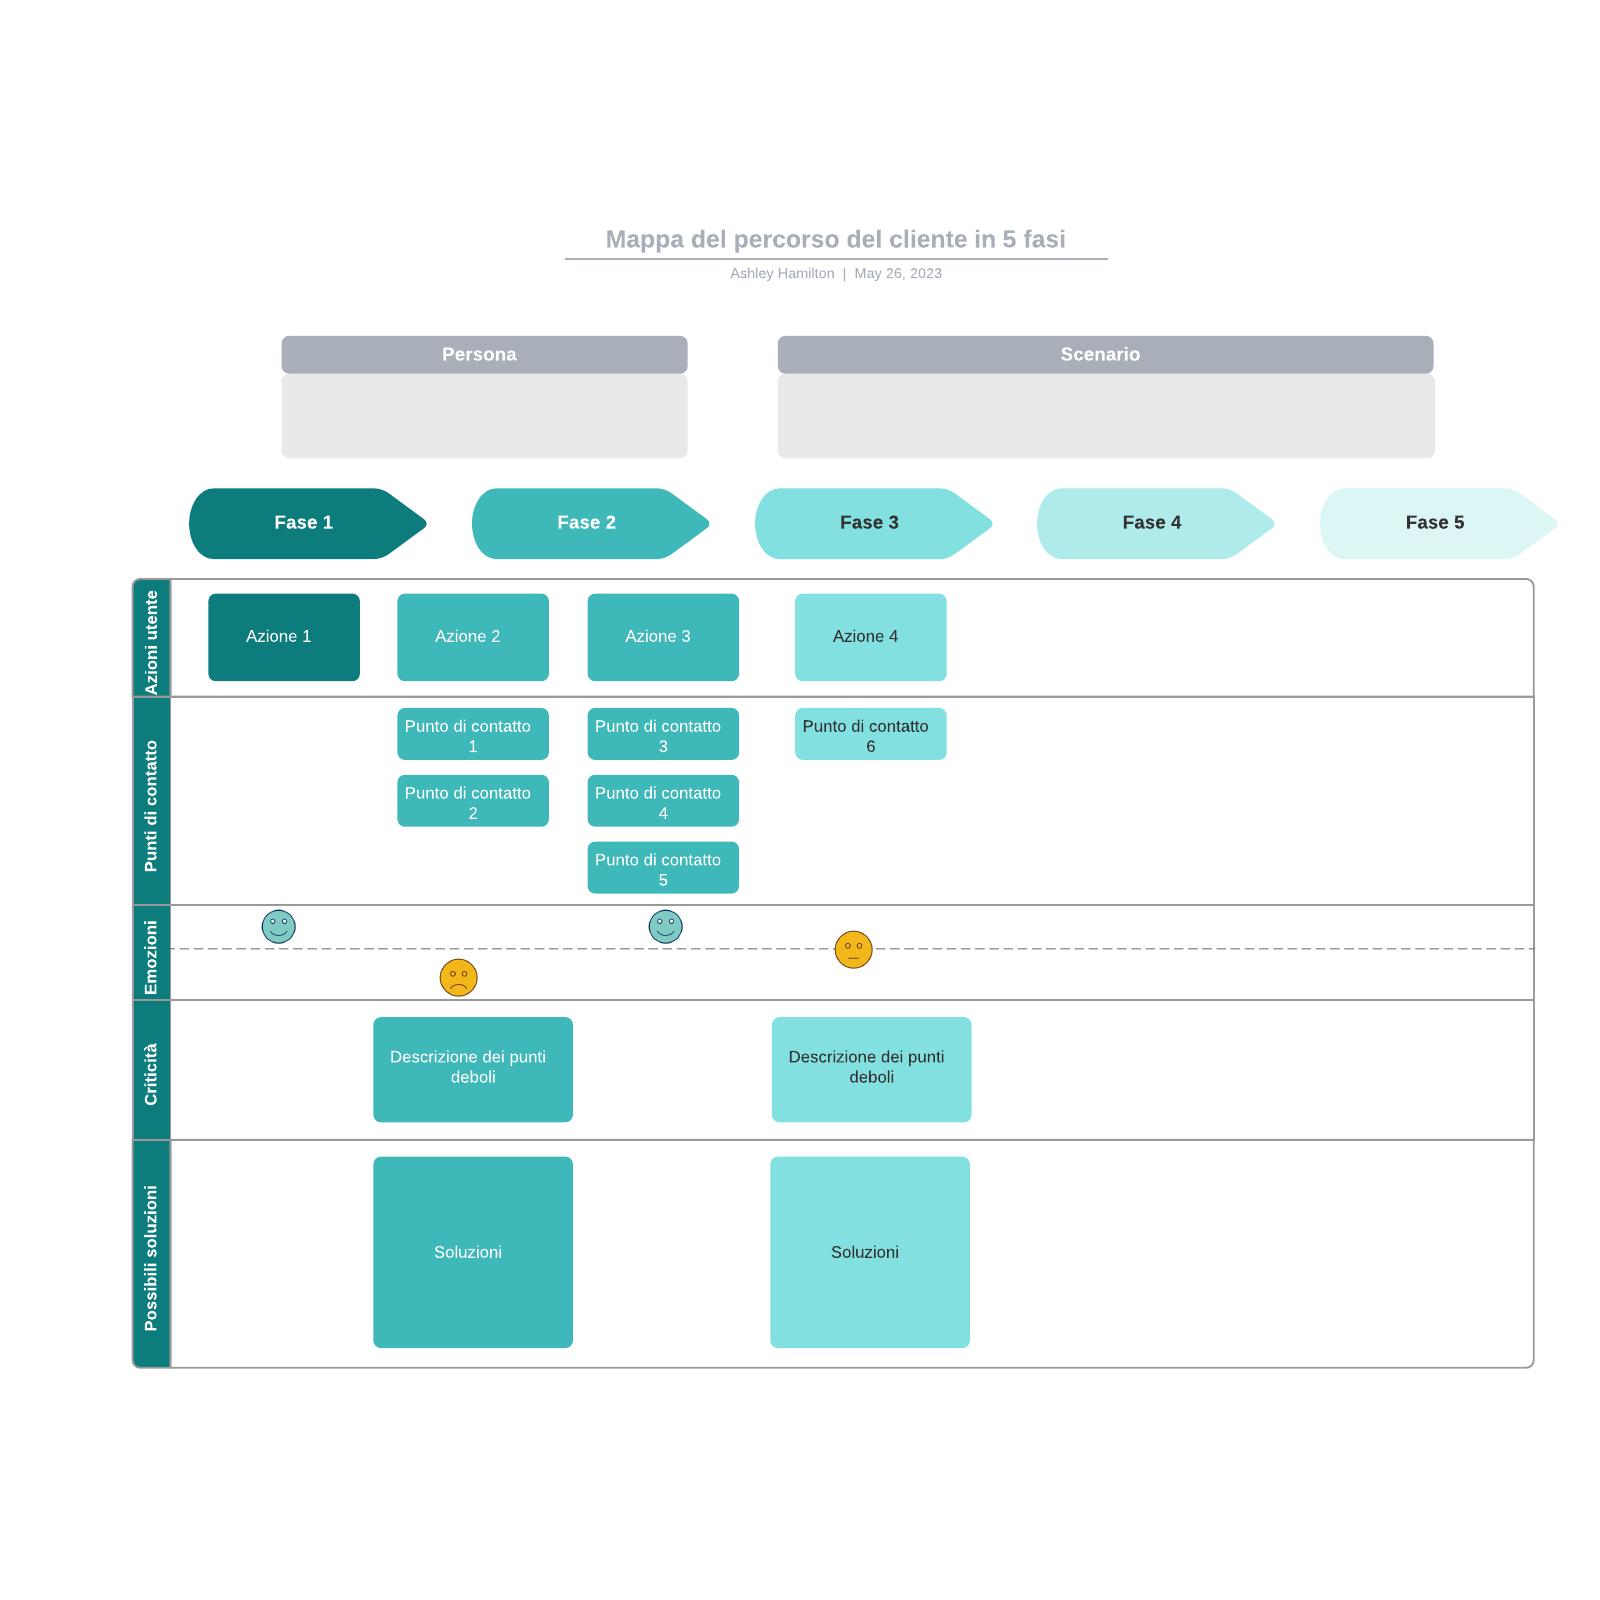 Mappa del percorso del cliente in 5 fasi